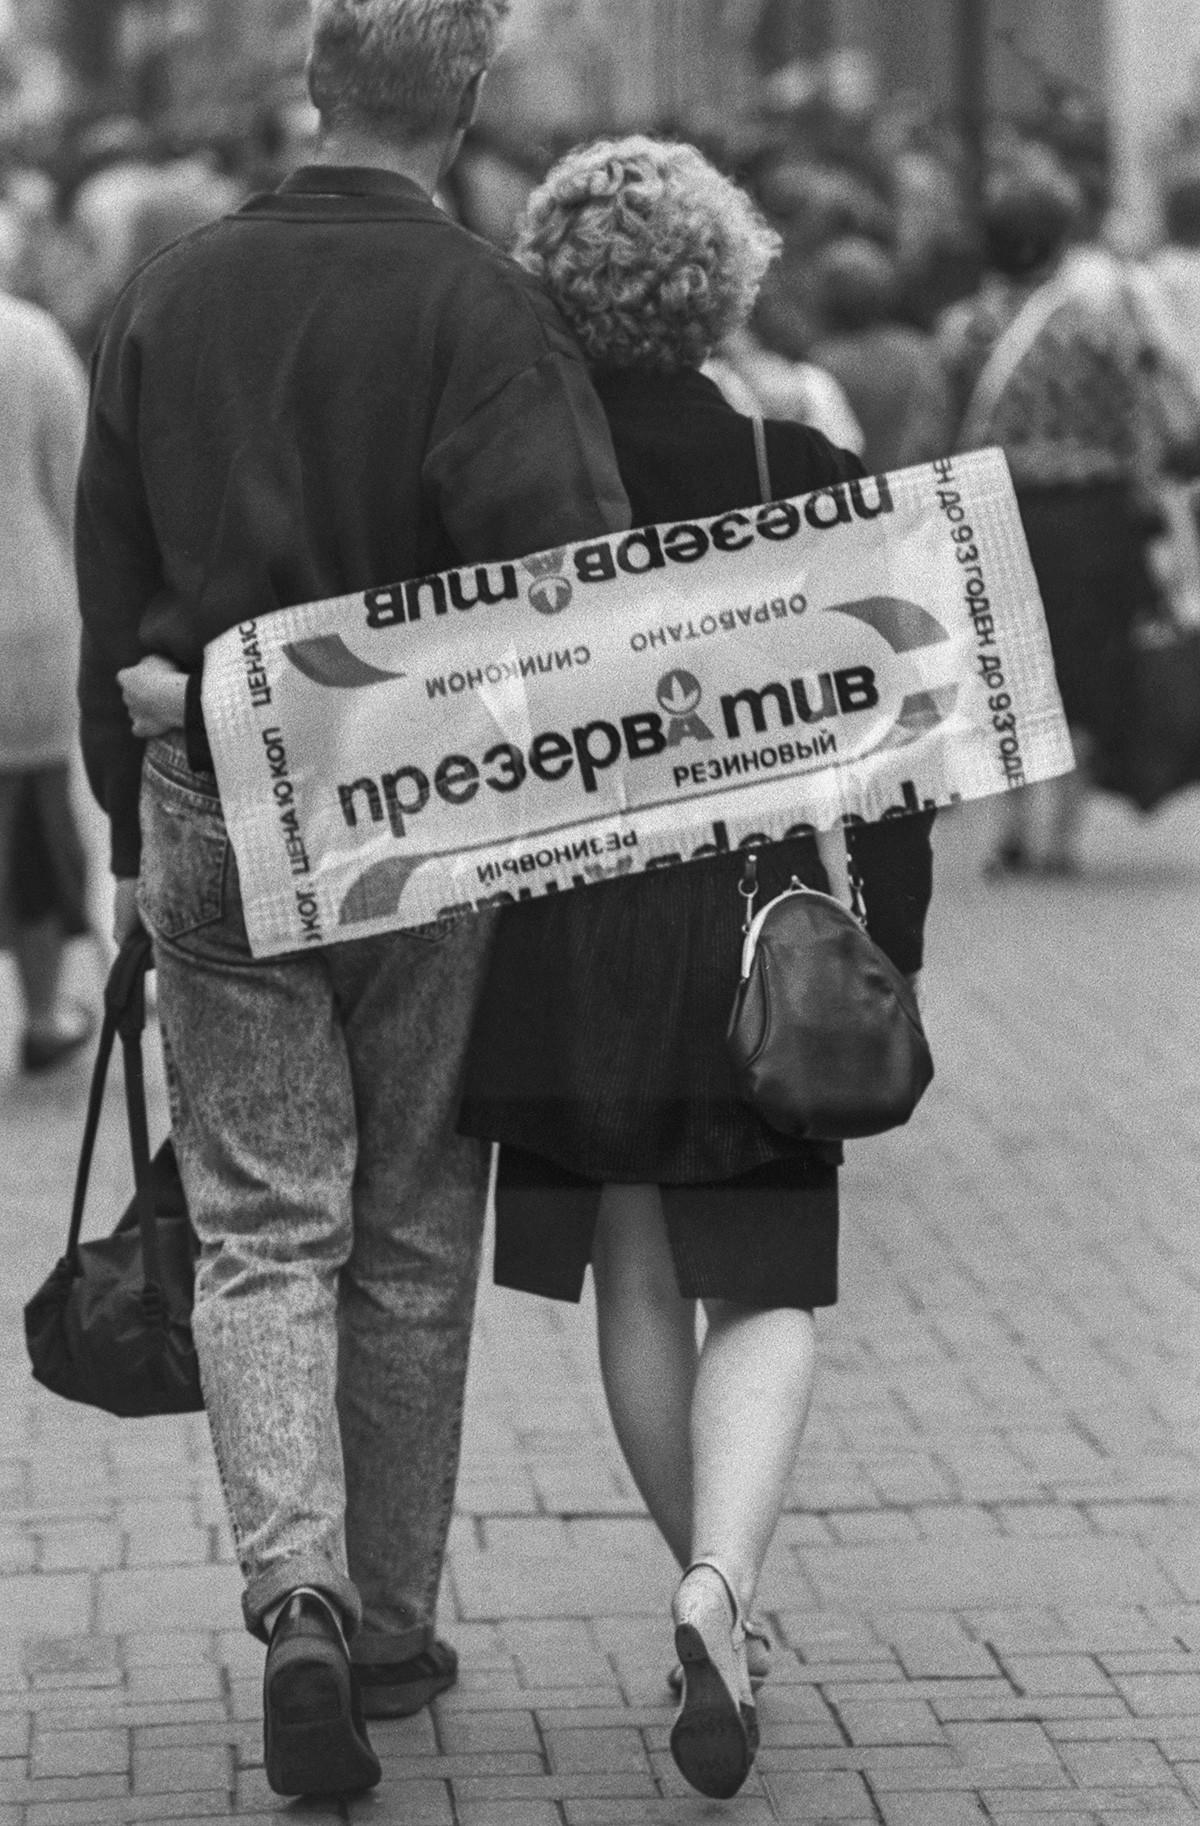 Rusija, Moskva, 5. rujna 1990. Ambalaža.